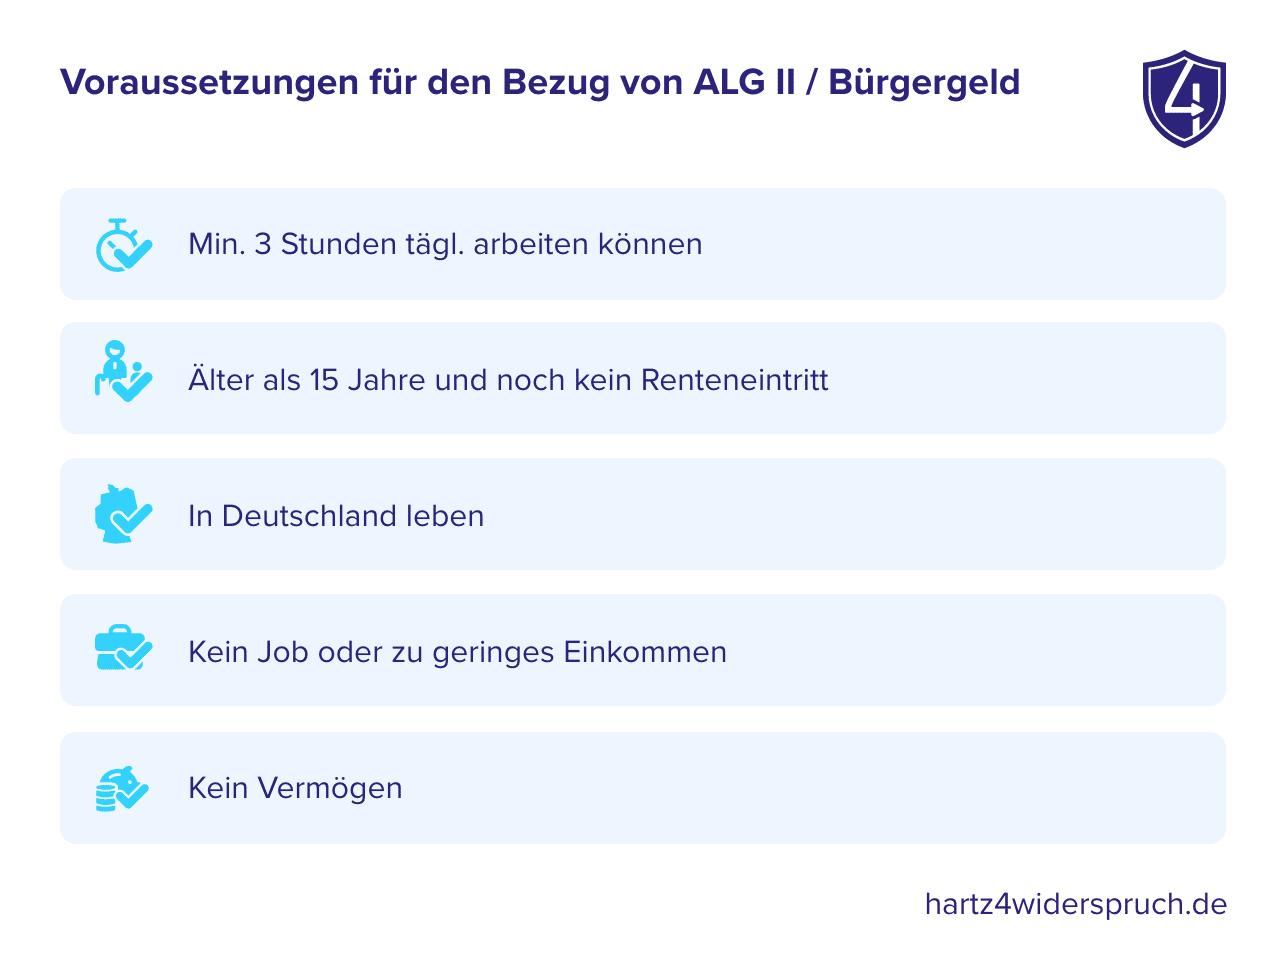 Voraussetzungen für den Bezug von ALG II / Hartz 4